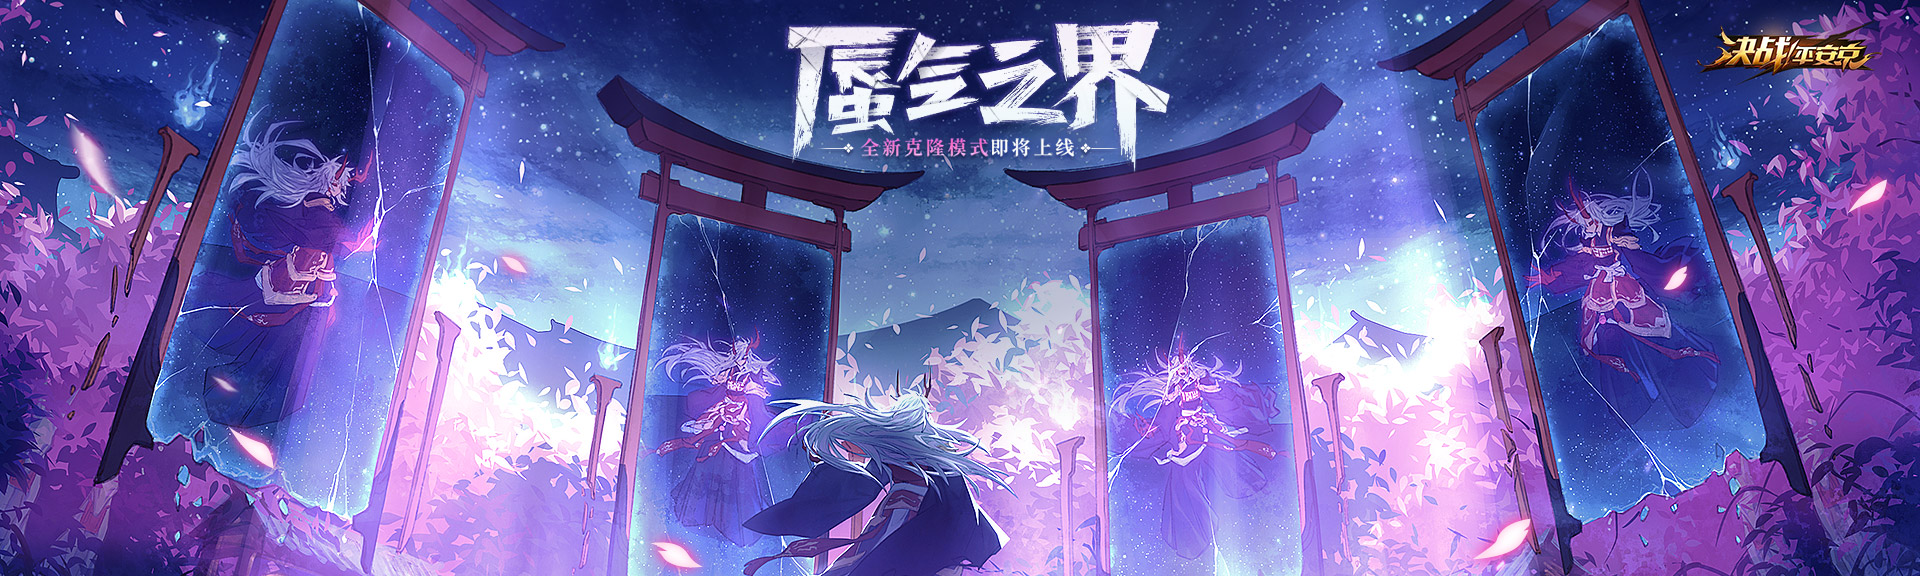 蜃气之界 《决战!平安京》全新娱乐玩法正式开启